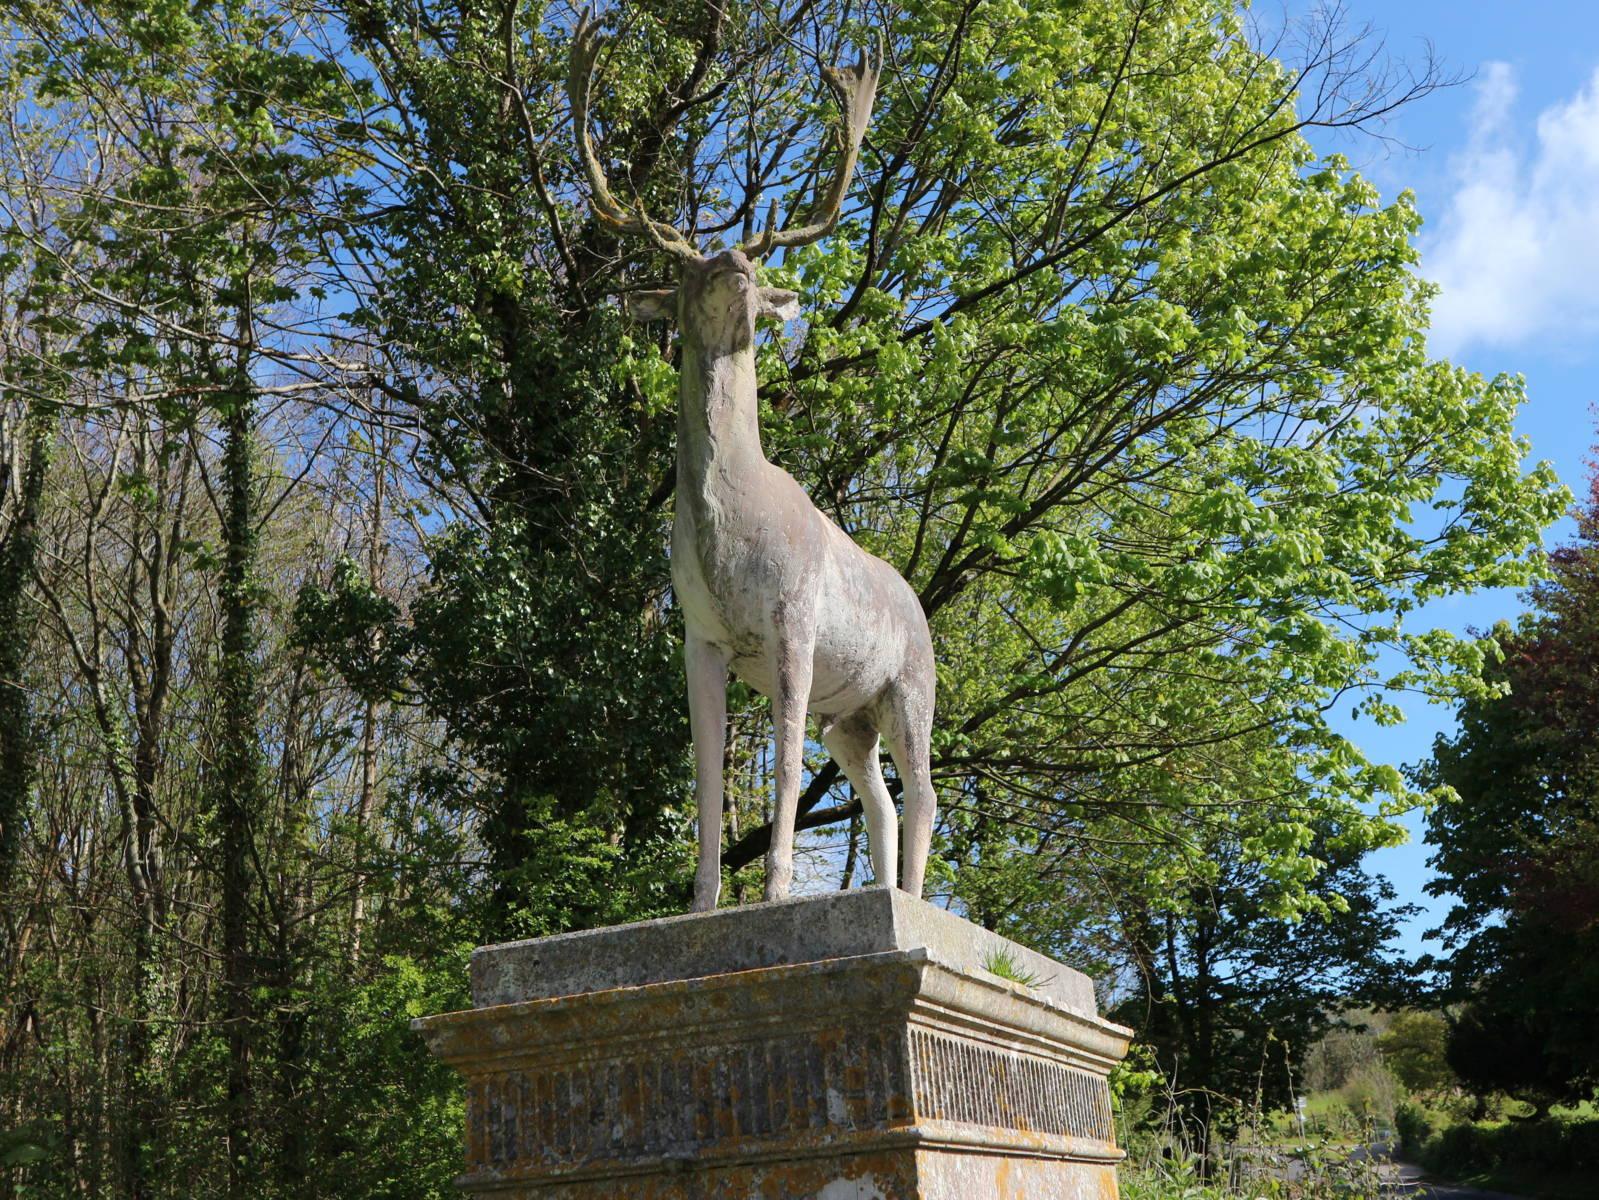 http://drakememorialpark.co.uk/upload/gallery_image/f3a4f7270319114731.JPG